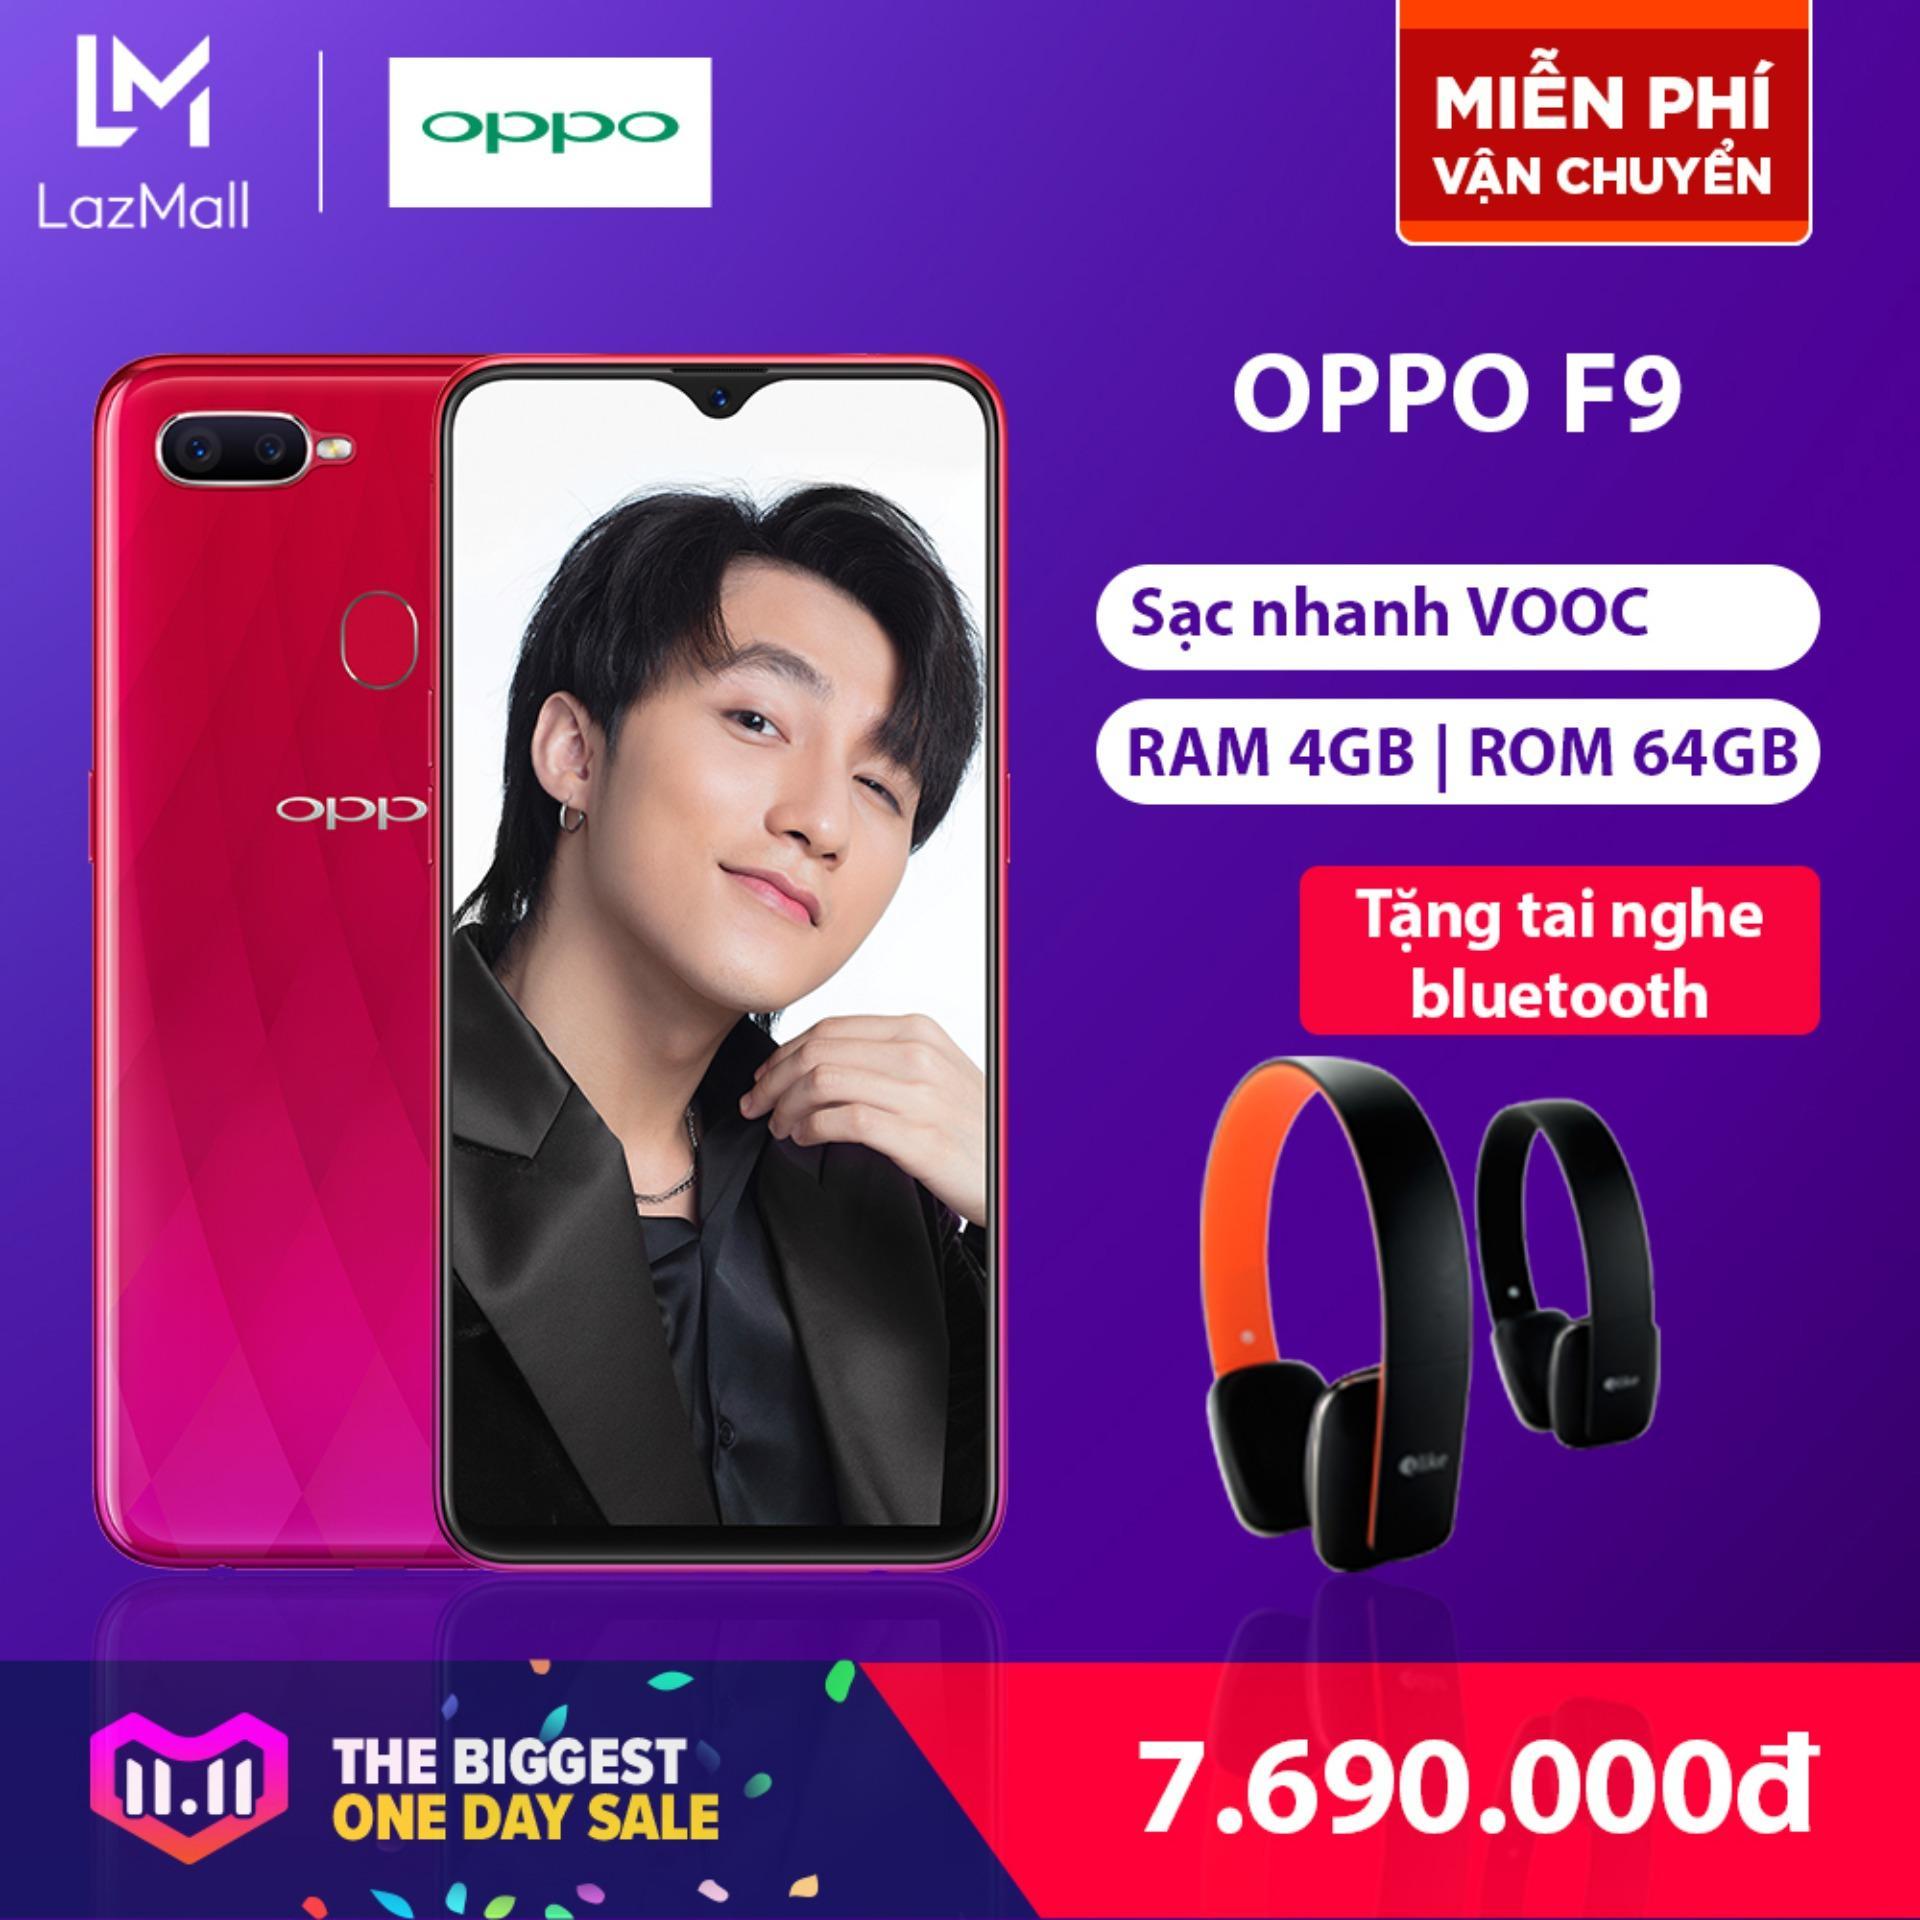 OPPO F9 - Hãng phân phối chính thức - Tặng tai nghe bluetooth